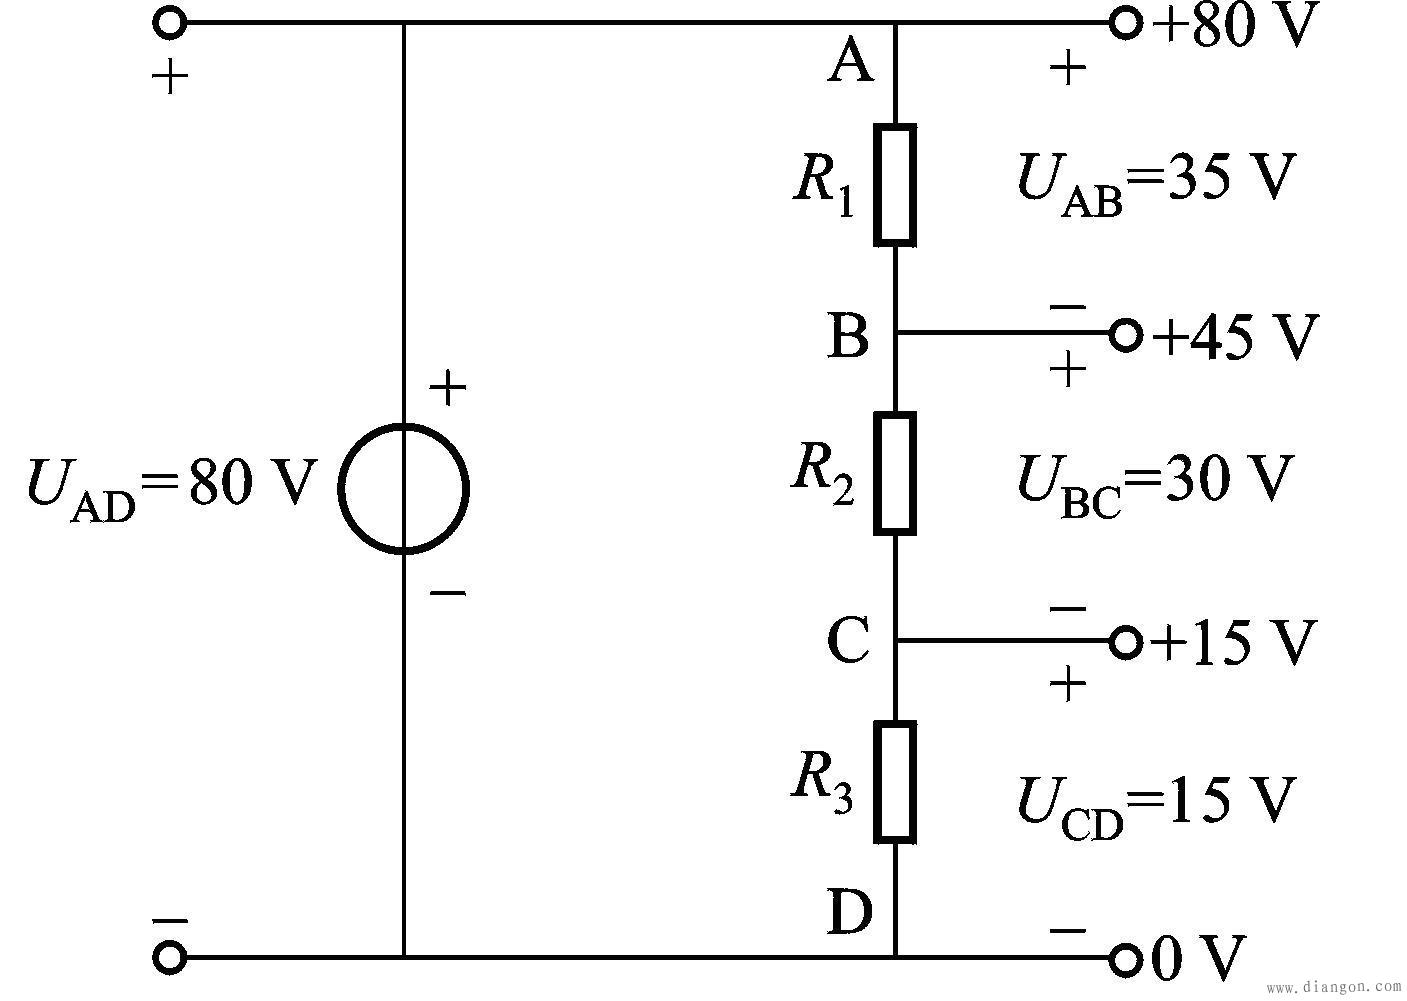 电阻串联电路中的电压分配